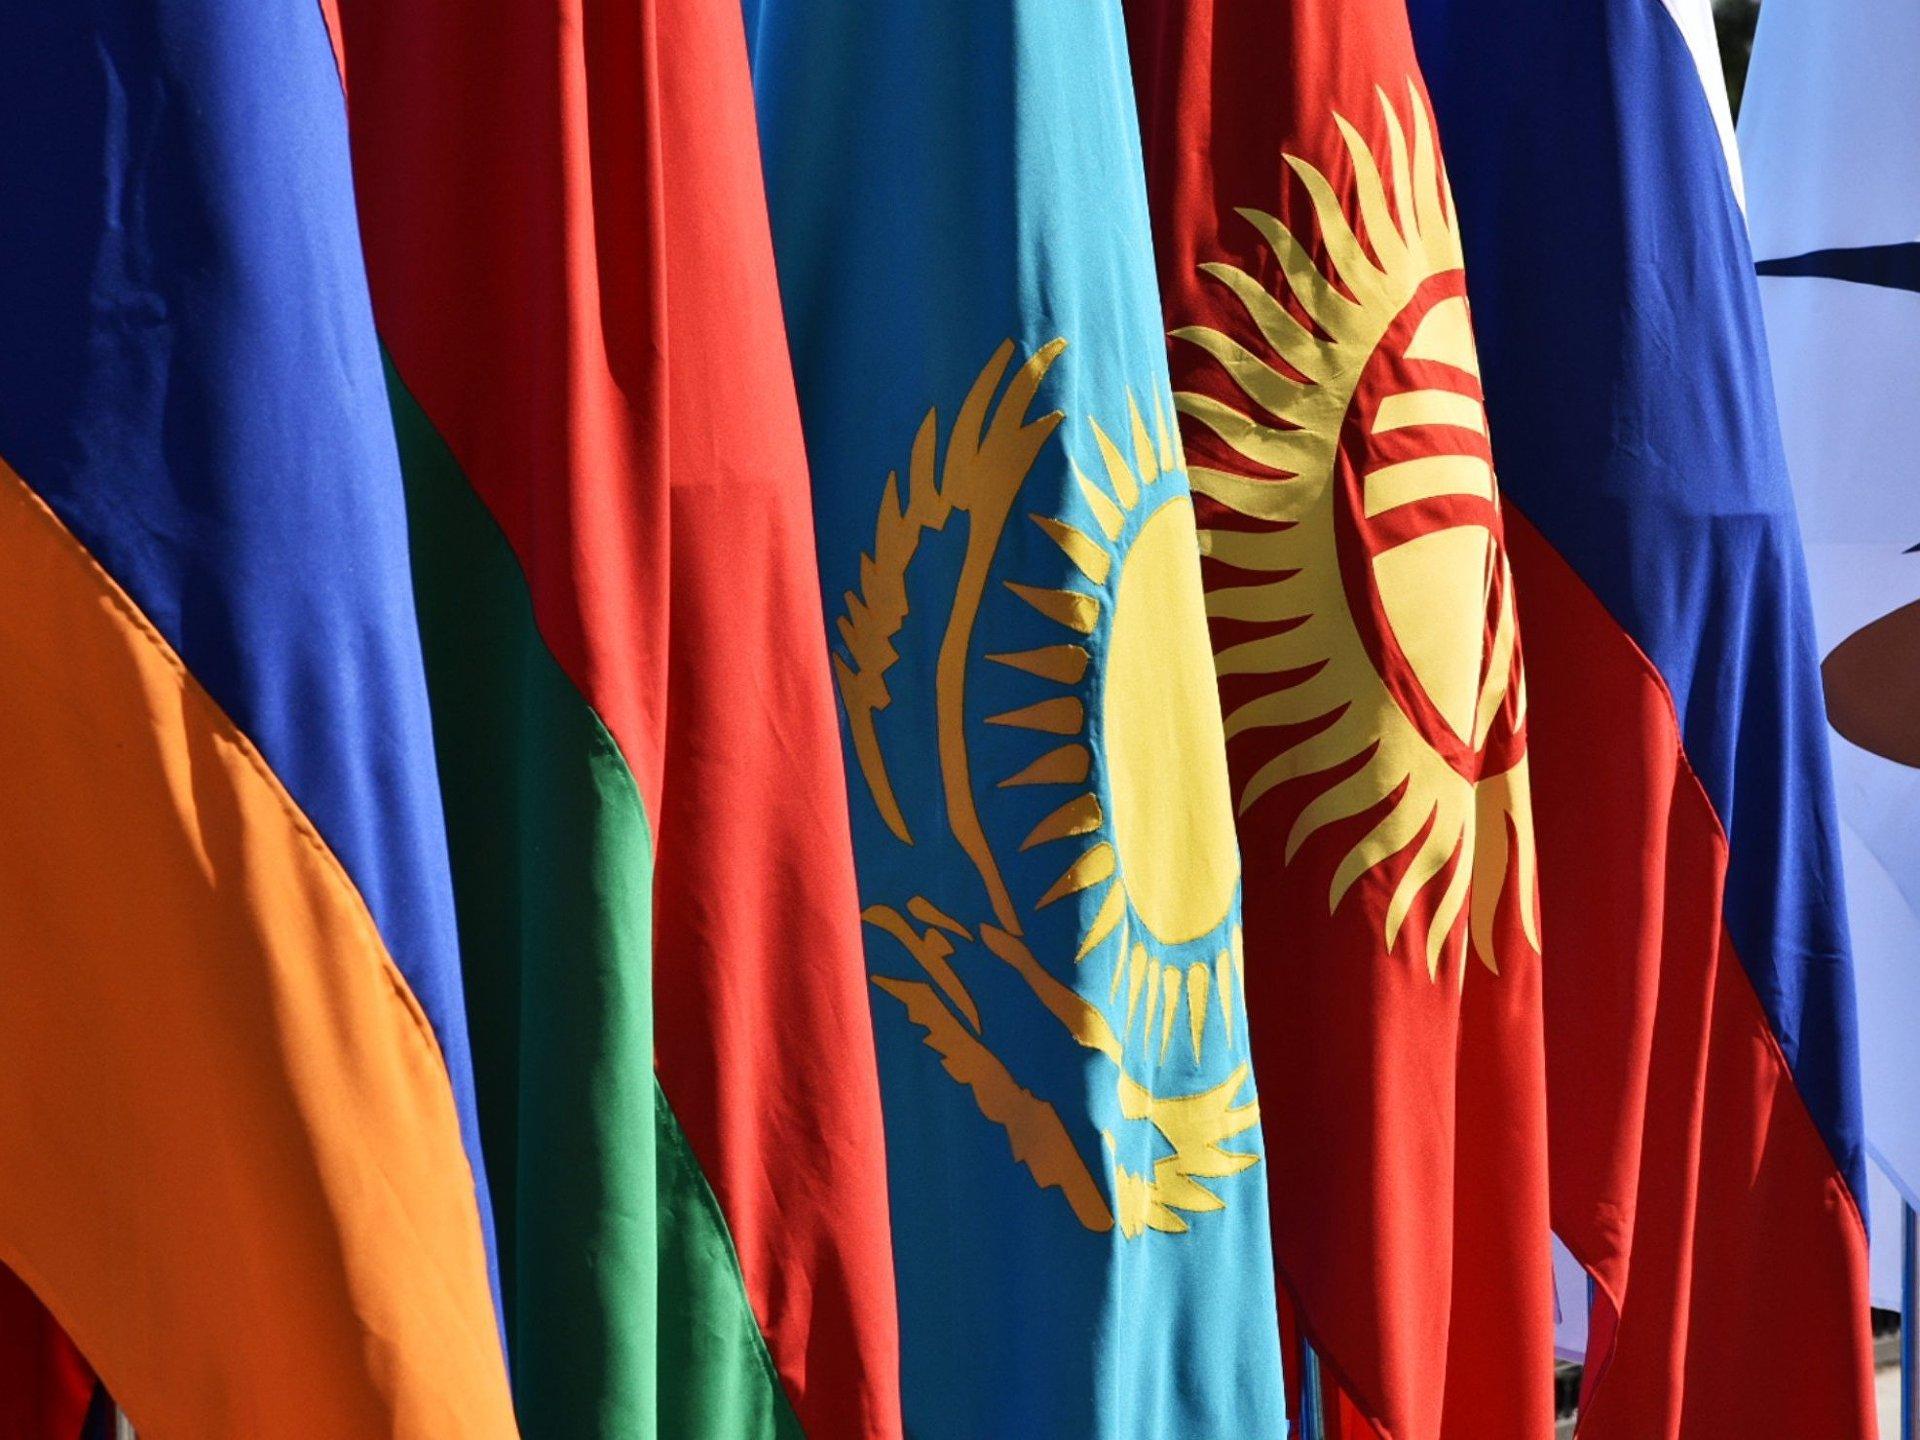 Споразум о слободној трговини између Србије и Евроазијске економске уније ступа на снагу за 60 дана